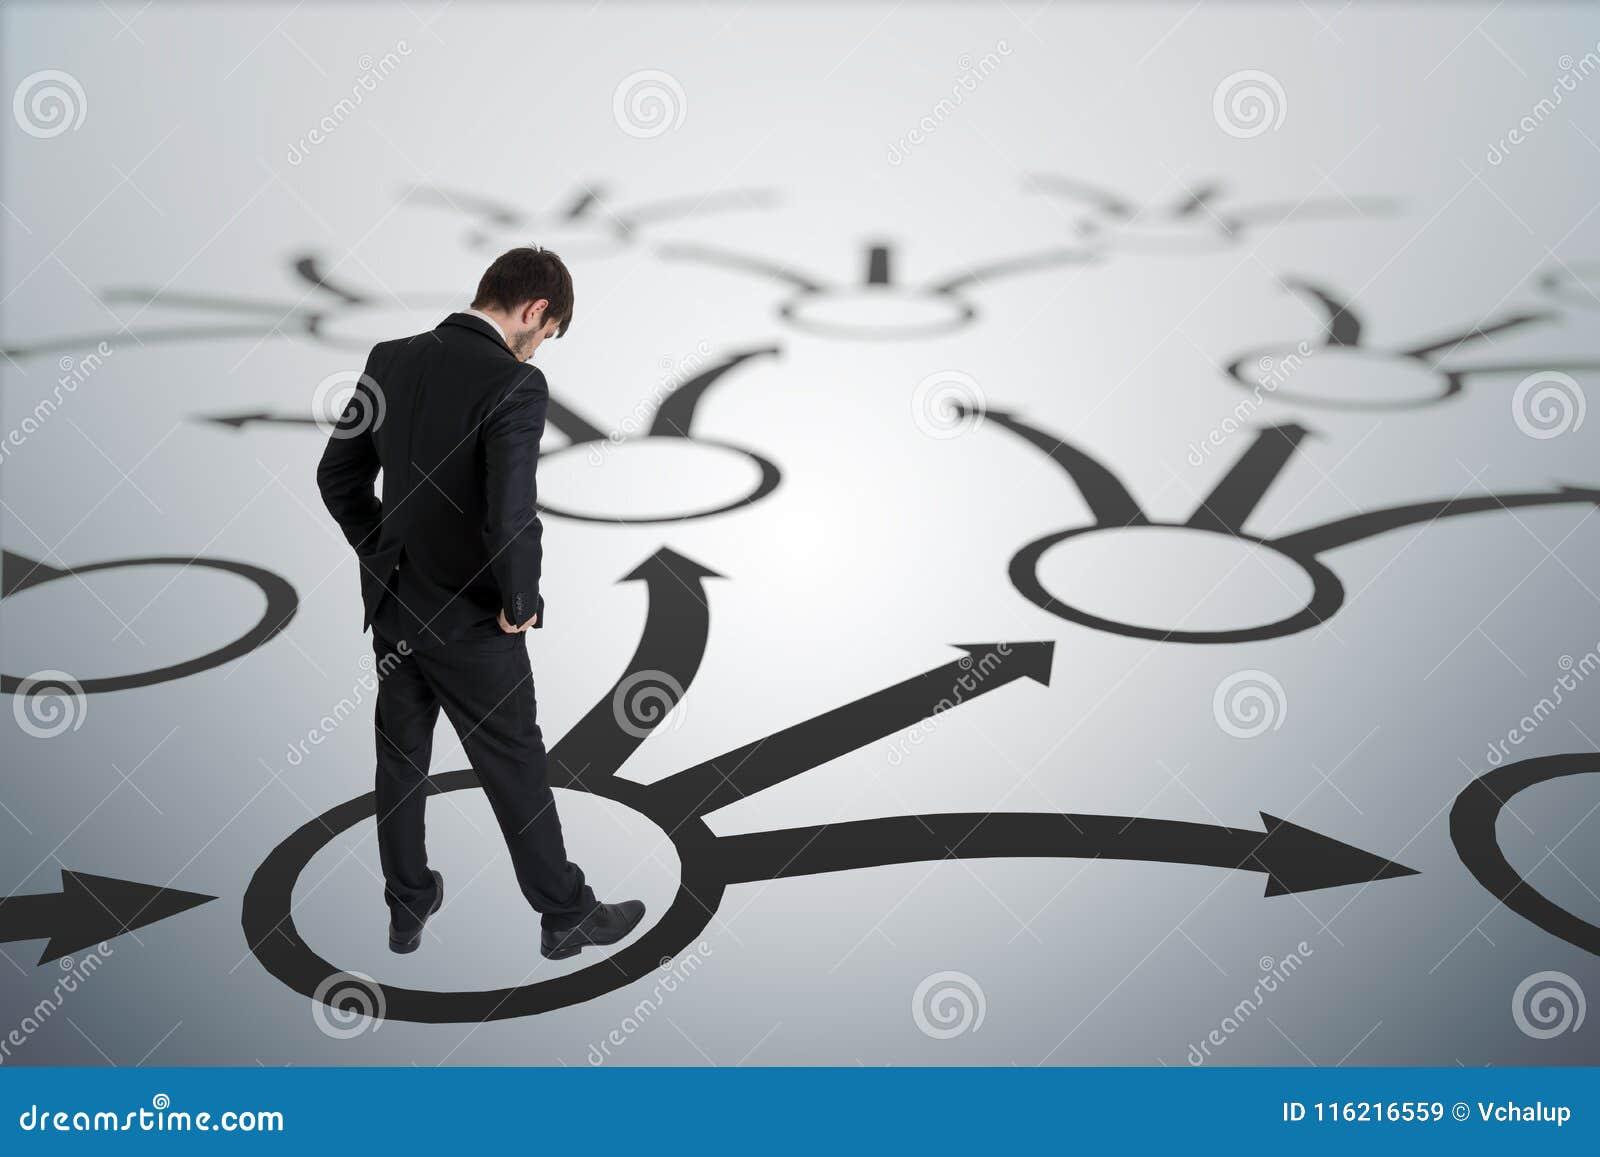 Молодой неуверенный человек принимает решениее Стратегия и концепция выбора